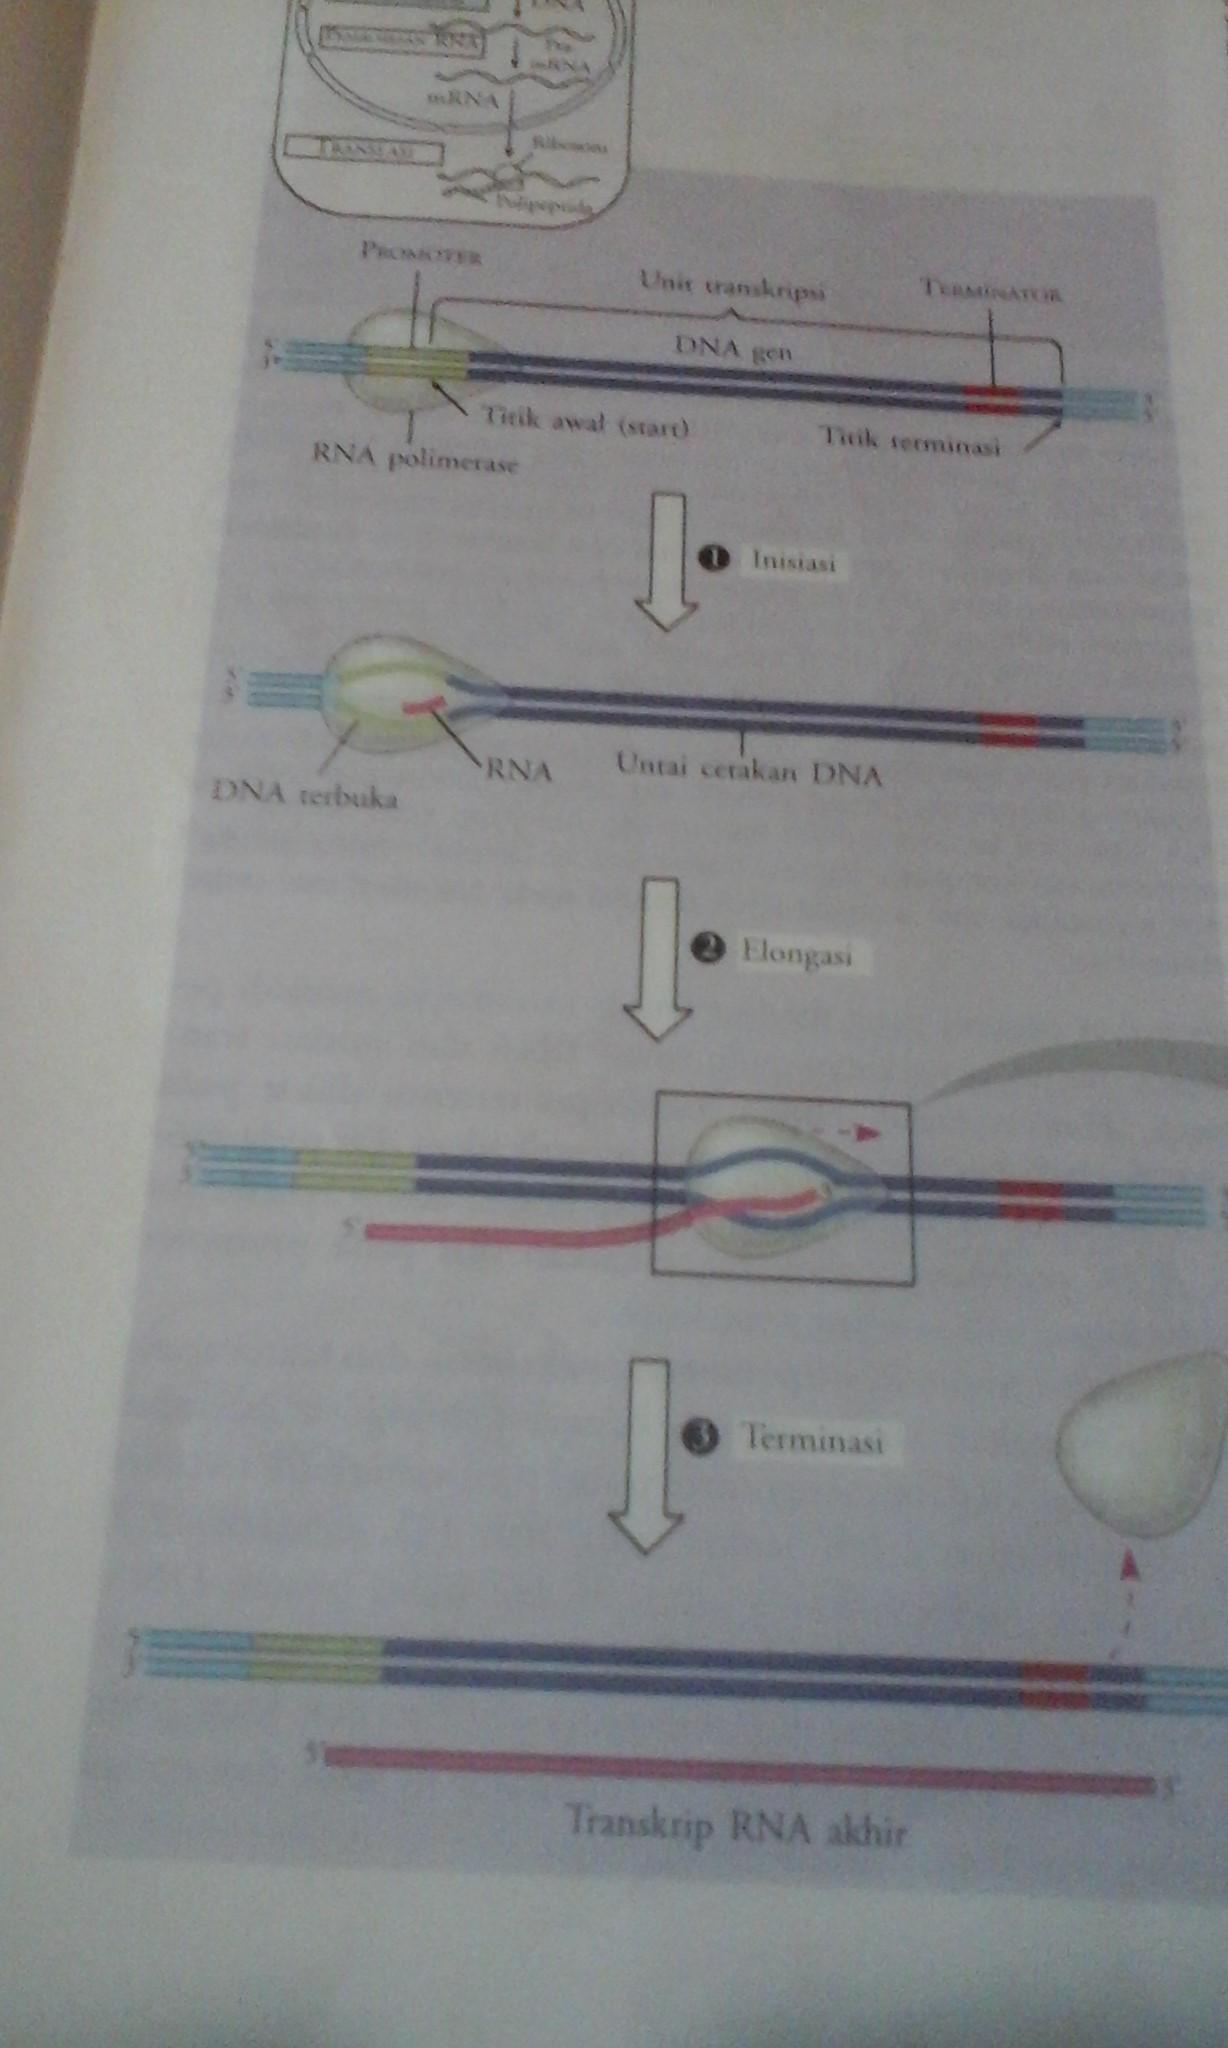 Sintesis protein hastutiwibowo sintesis protein ccuart Image collections